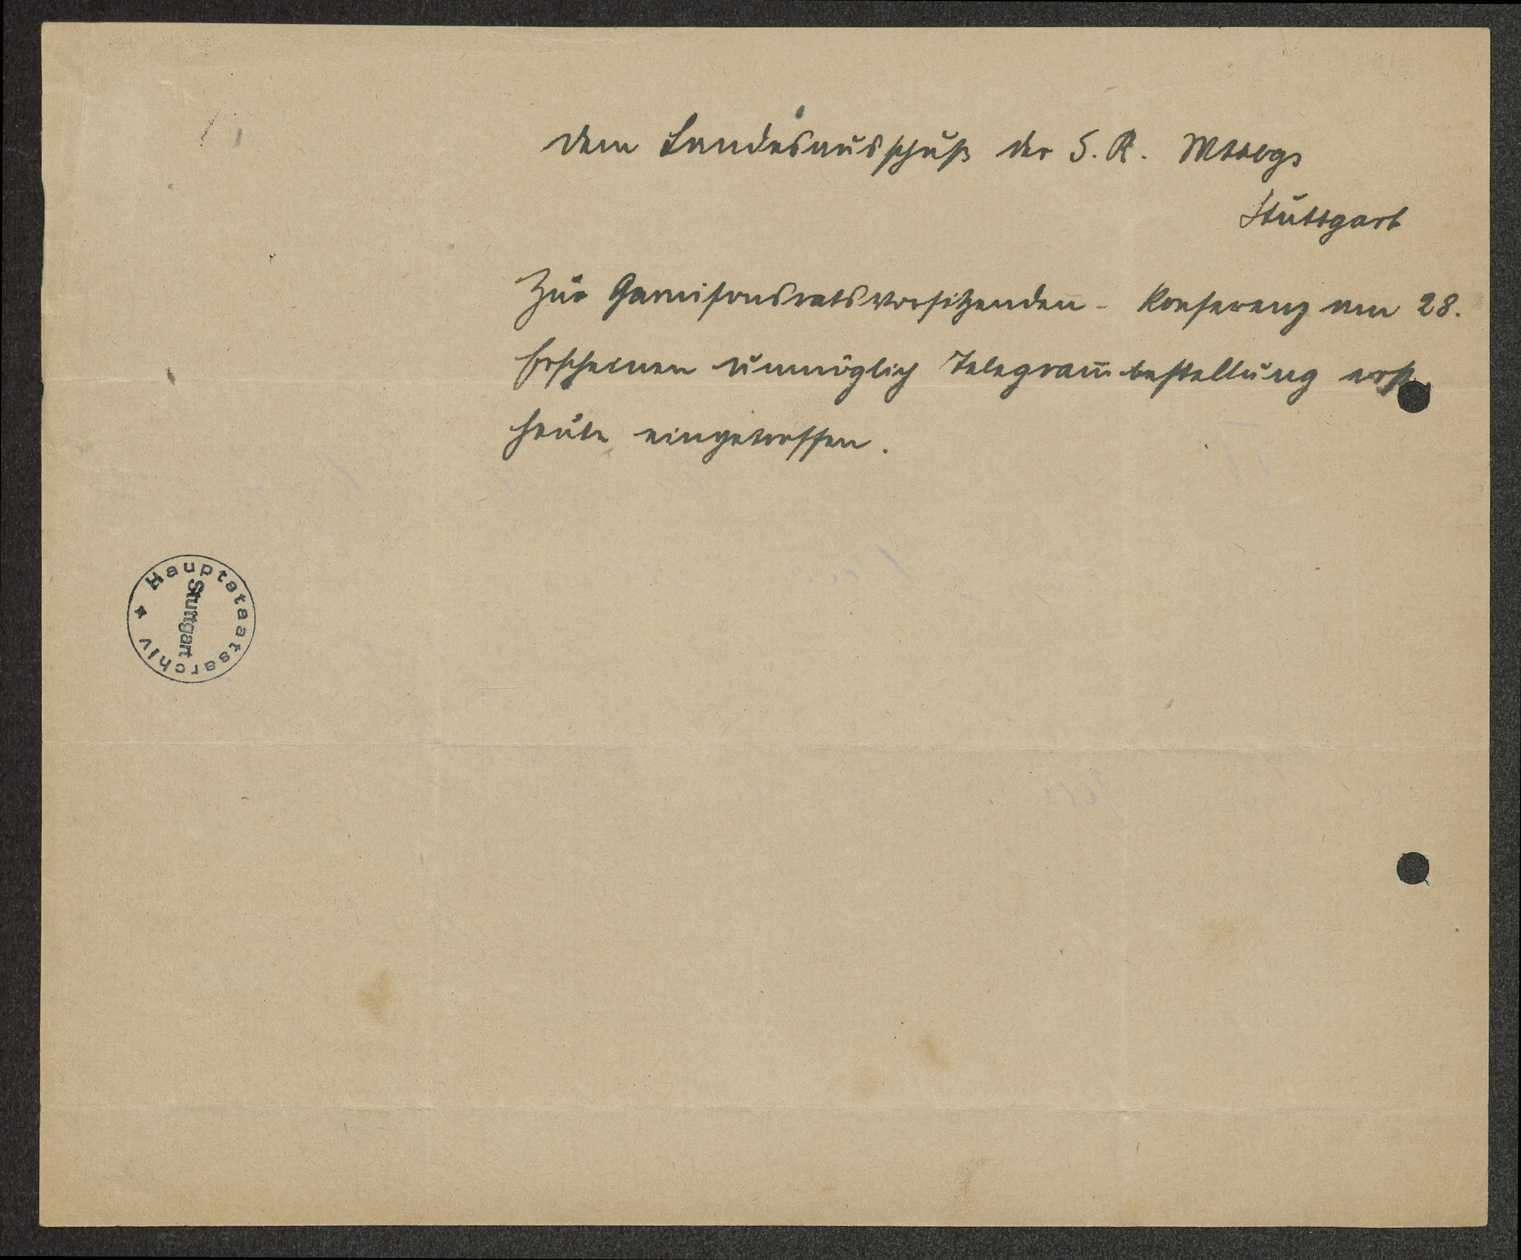 Sitzungen der Vorsitzenden der württembergischen Garnisonräte, Bild 2